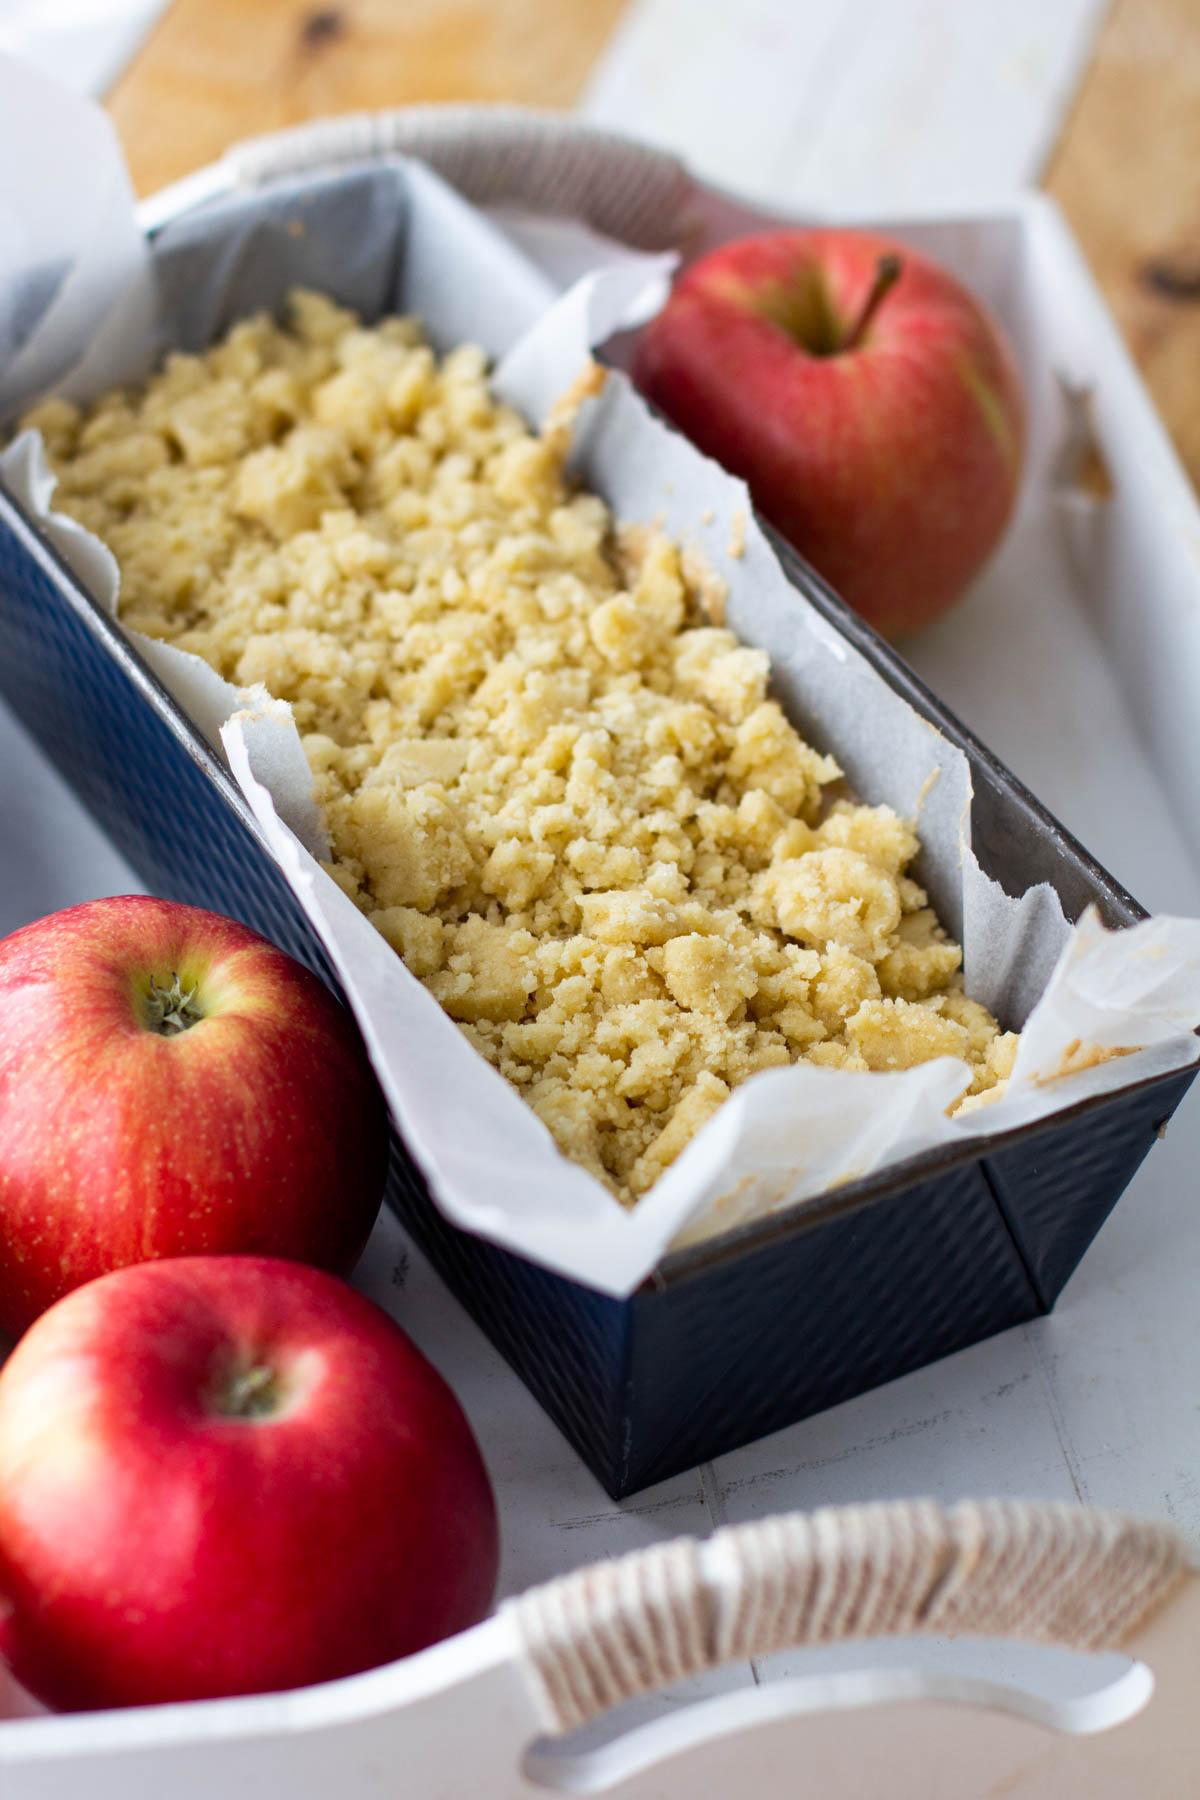 omenakakku vuoassa menossa uuniin